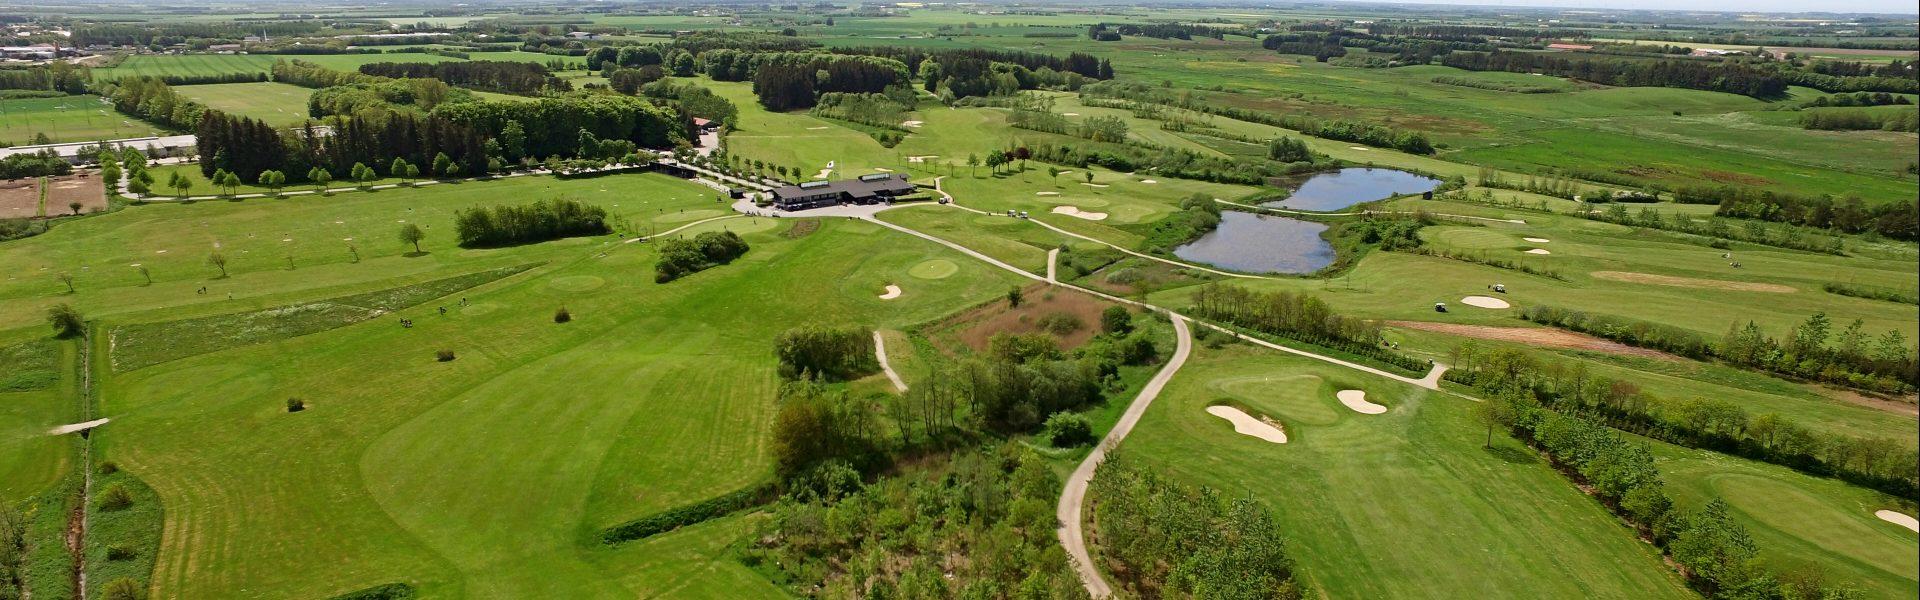 Anlægget på Brønderslev Golfklub består af 27 huller og 9 hullers pay-and-play